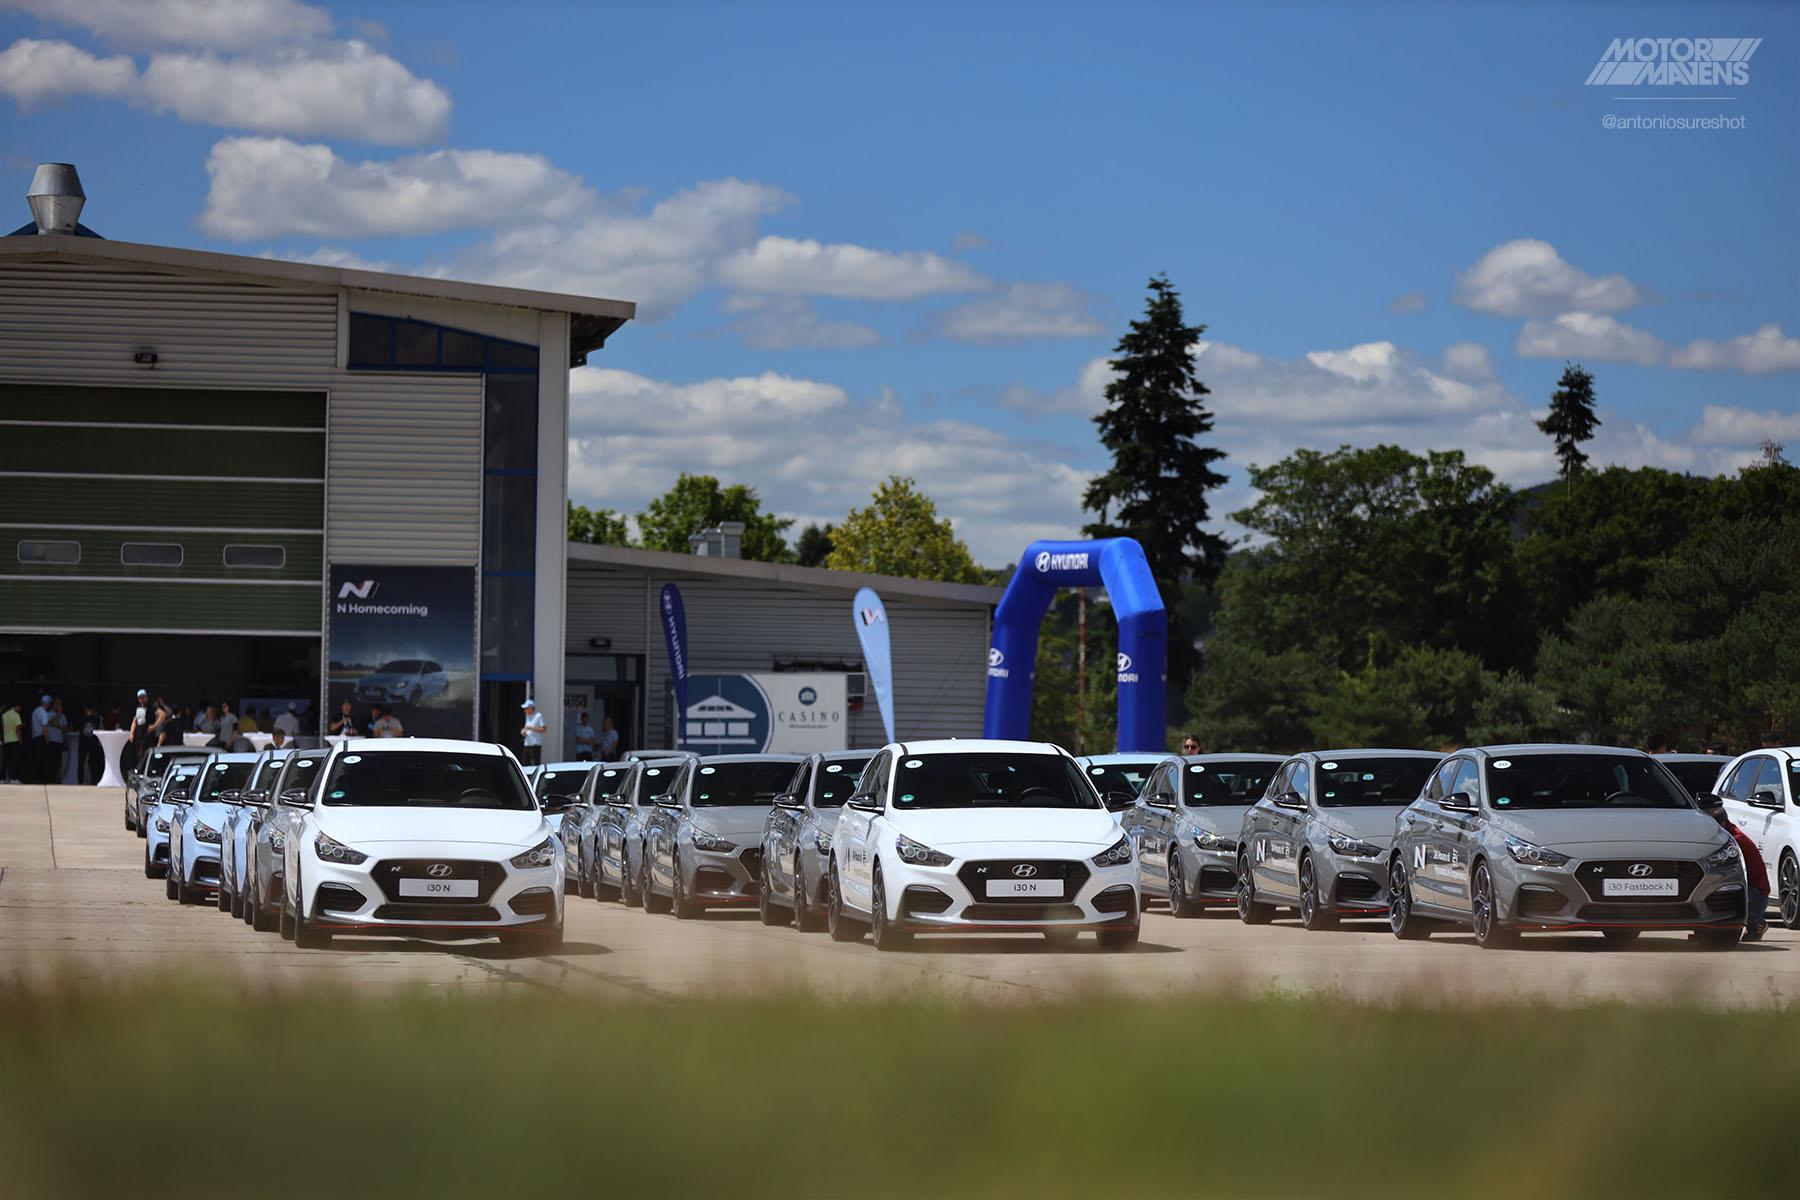 Mendig, Nurburgring, 24H of Hyundai N Experience, Hyundai N, Nurburgring 24H